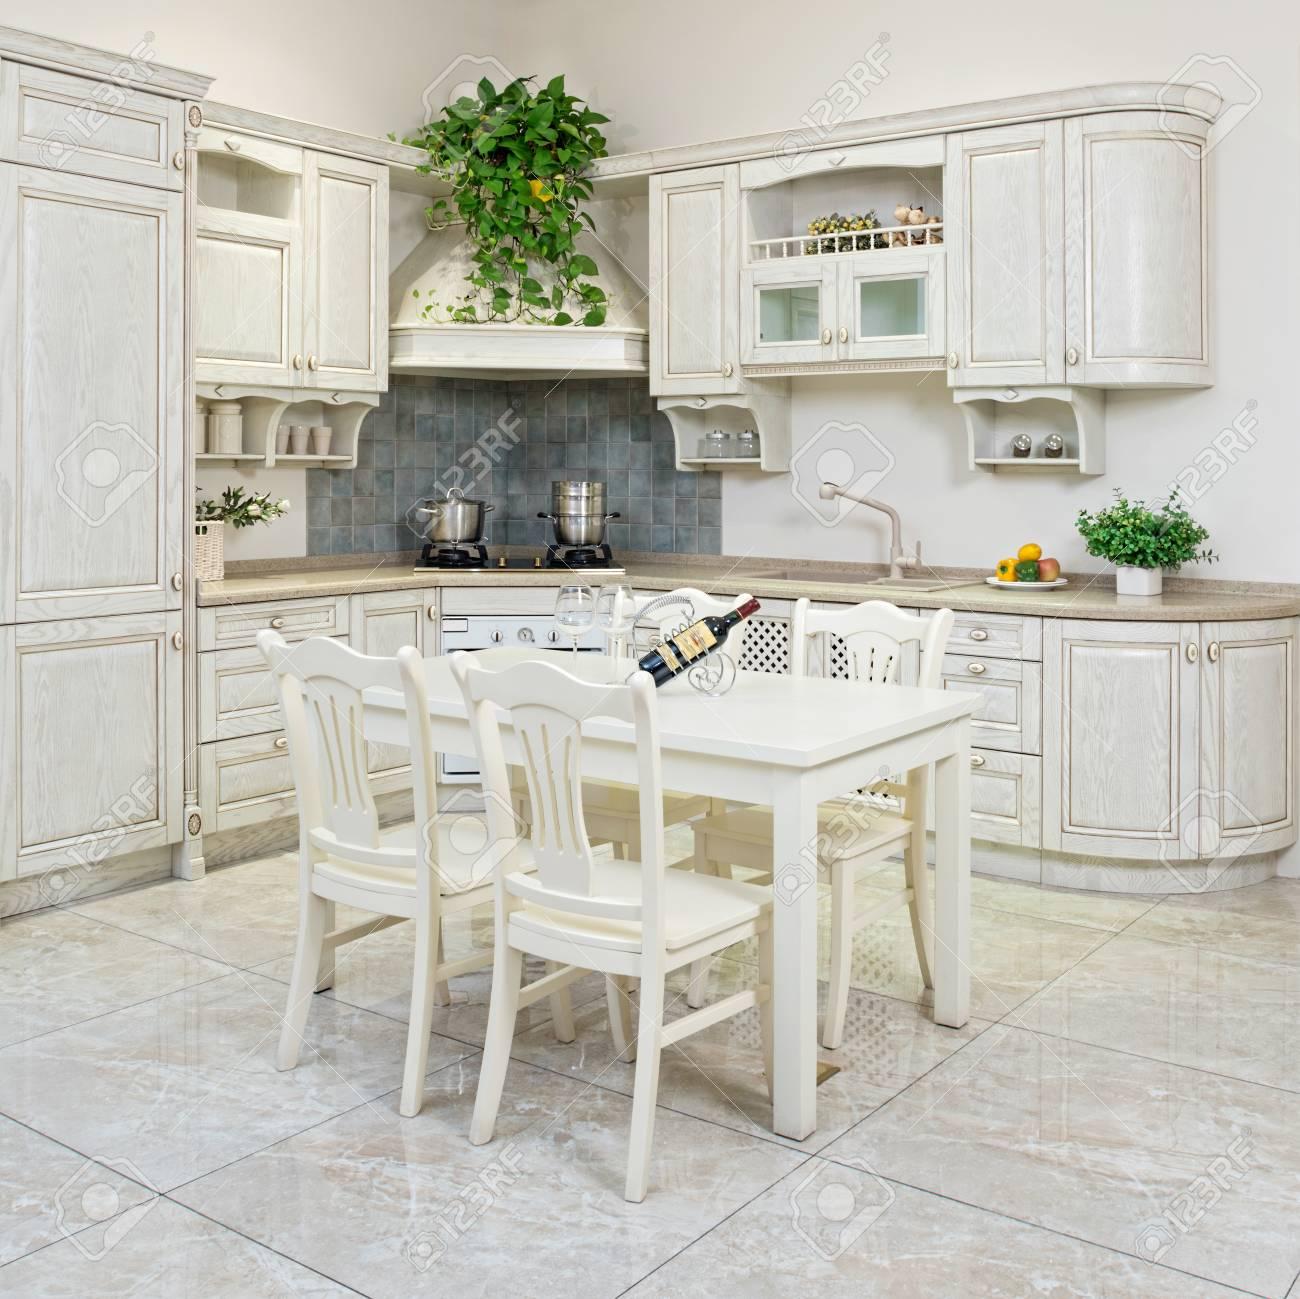 Interno e mobili moderni della cucina